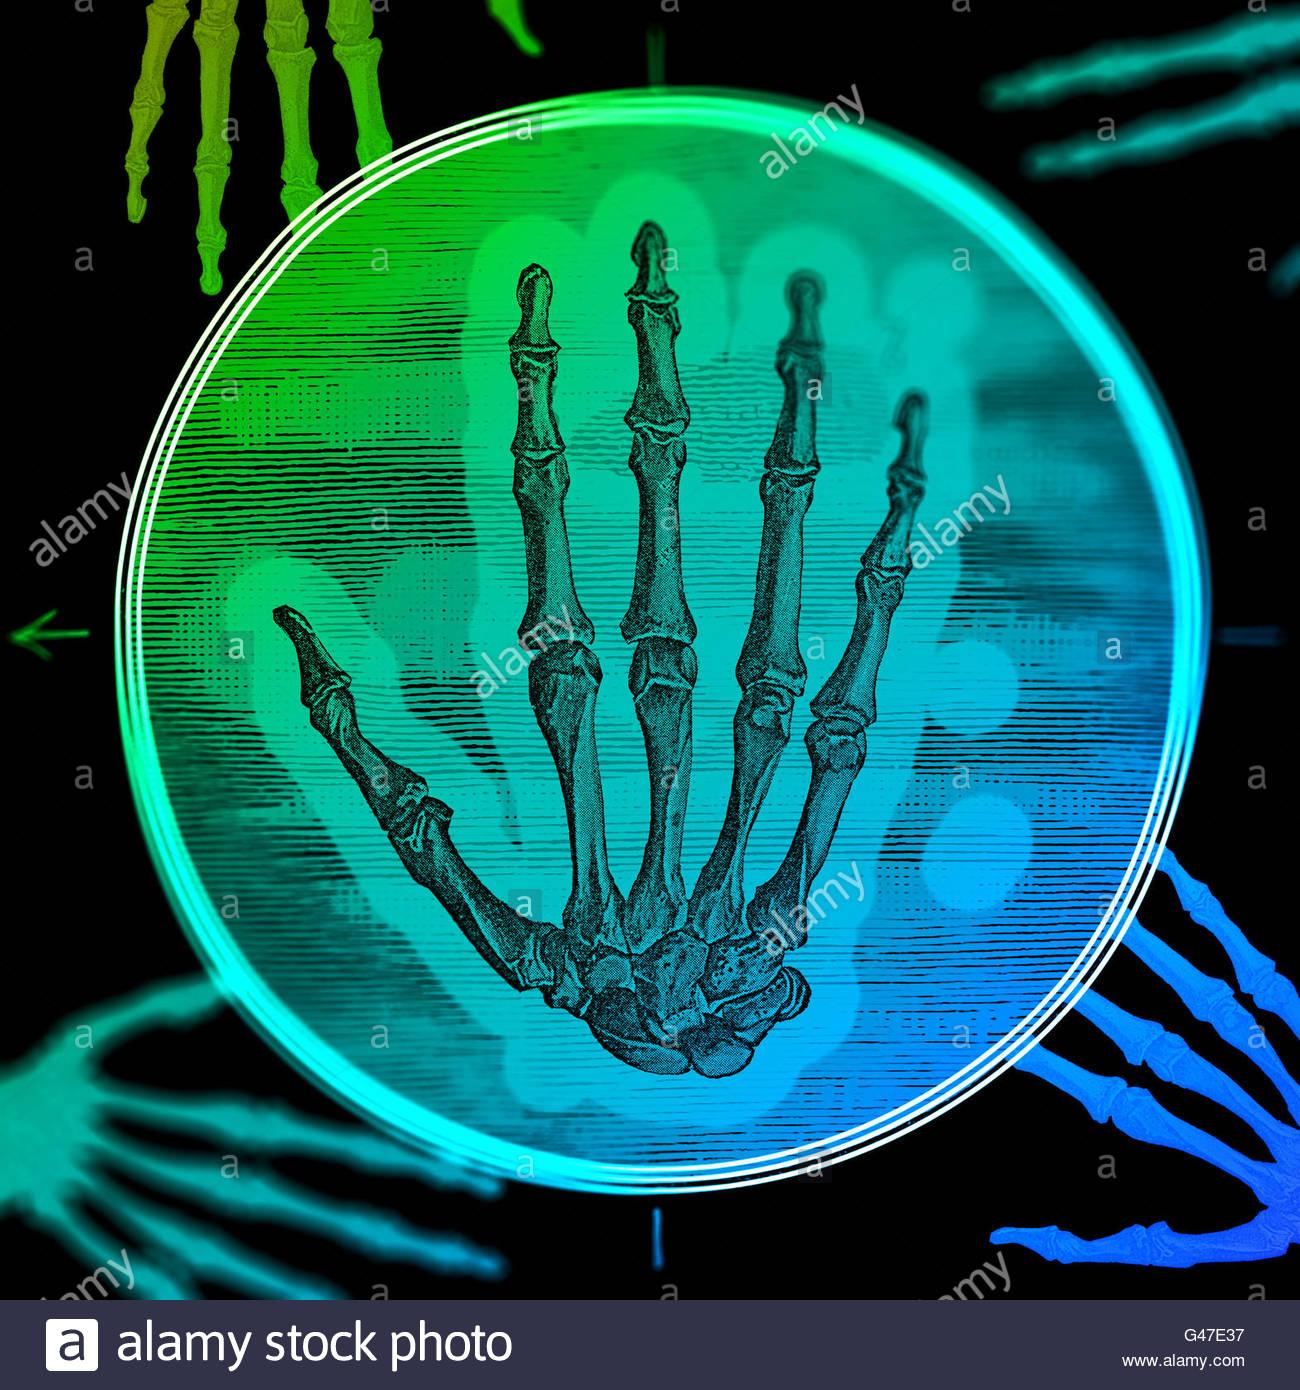 Retro medizinische Diagramm Abbildung des menschlichen Skeletts ...